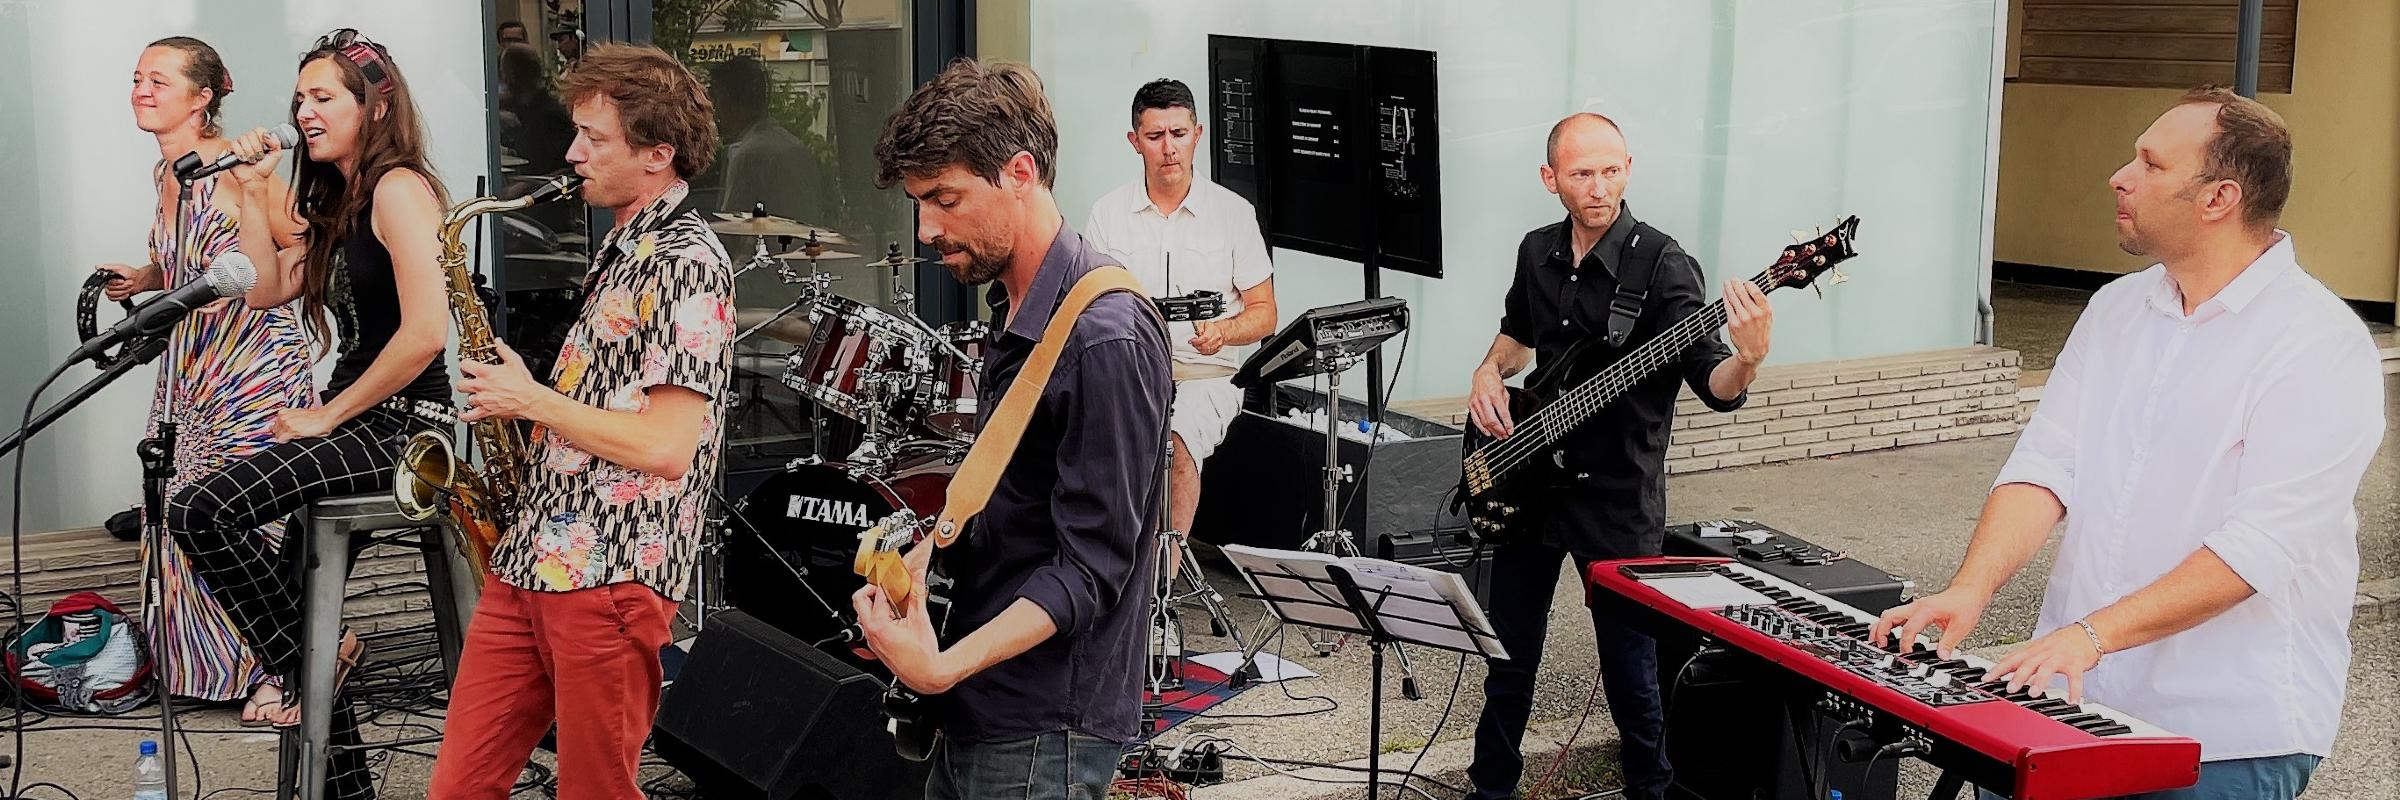 The Funkeeters, groupe de musique Soul en représentation à Savoie - photo de couverture n° 2